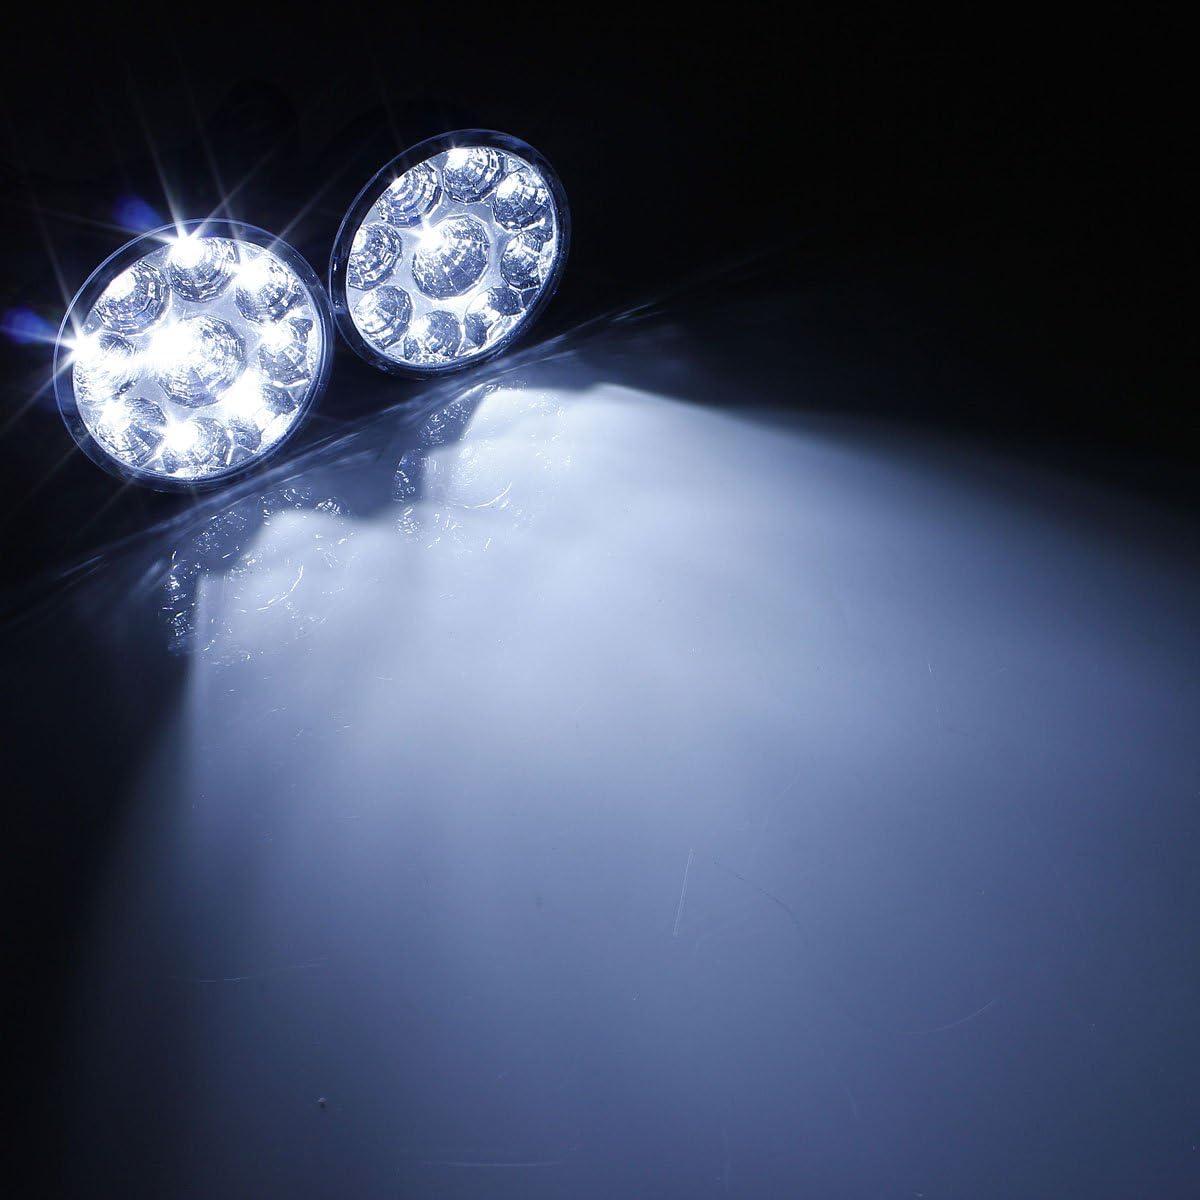 Nrpfell 50W Une Men/é la Lampe de Tache de Barre Feux Brouillard,la Lumi/èRe de la Conduisant la Lumi/èRe de Brouillard 2Pcs Lumineux Superbes pour la Moto de Bateau du Camion ATV SUV